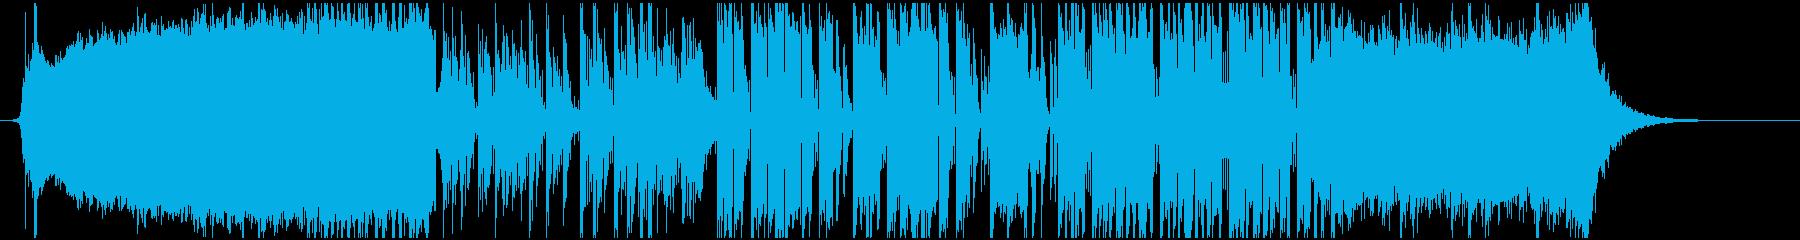 オープニングに使えるフューチャーベースの再生済みの波形